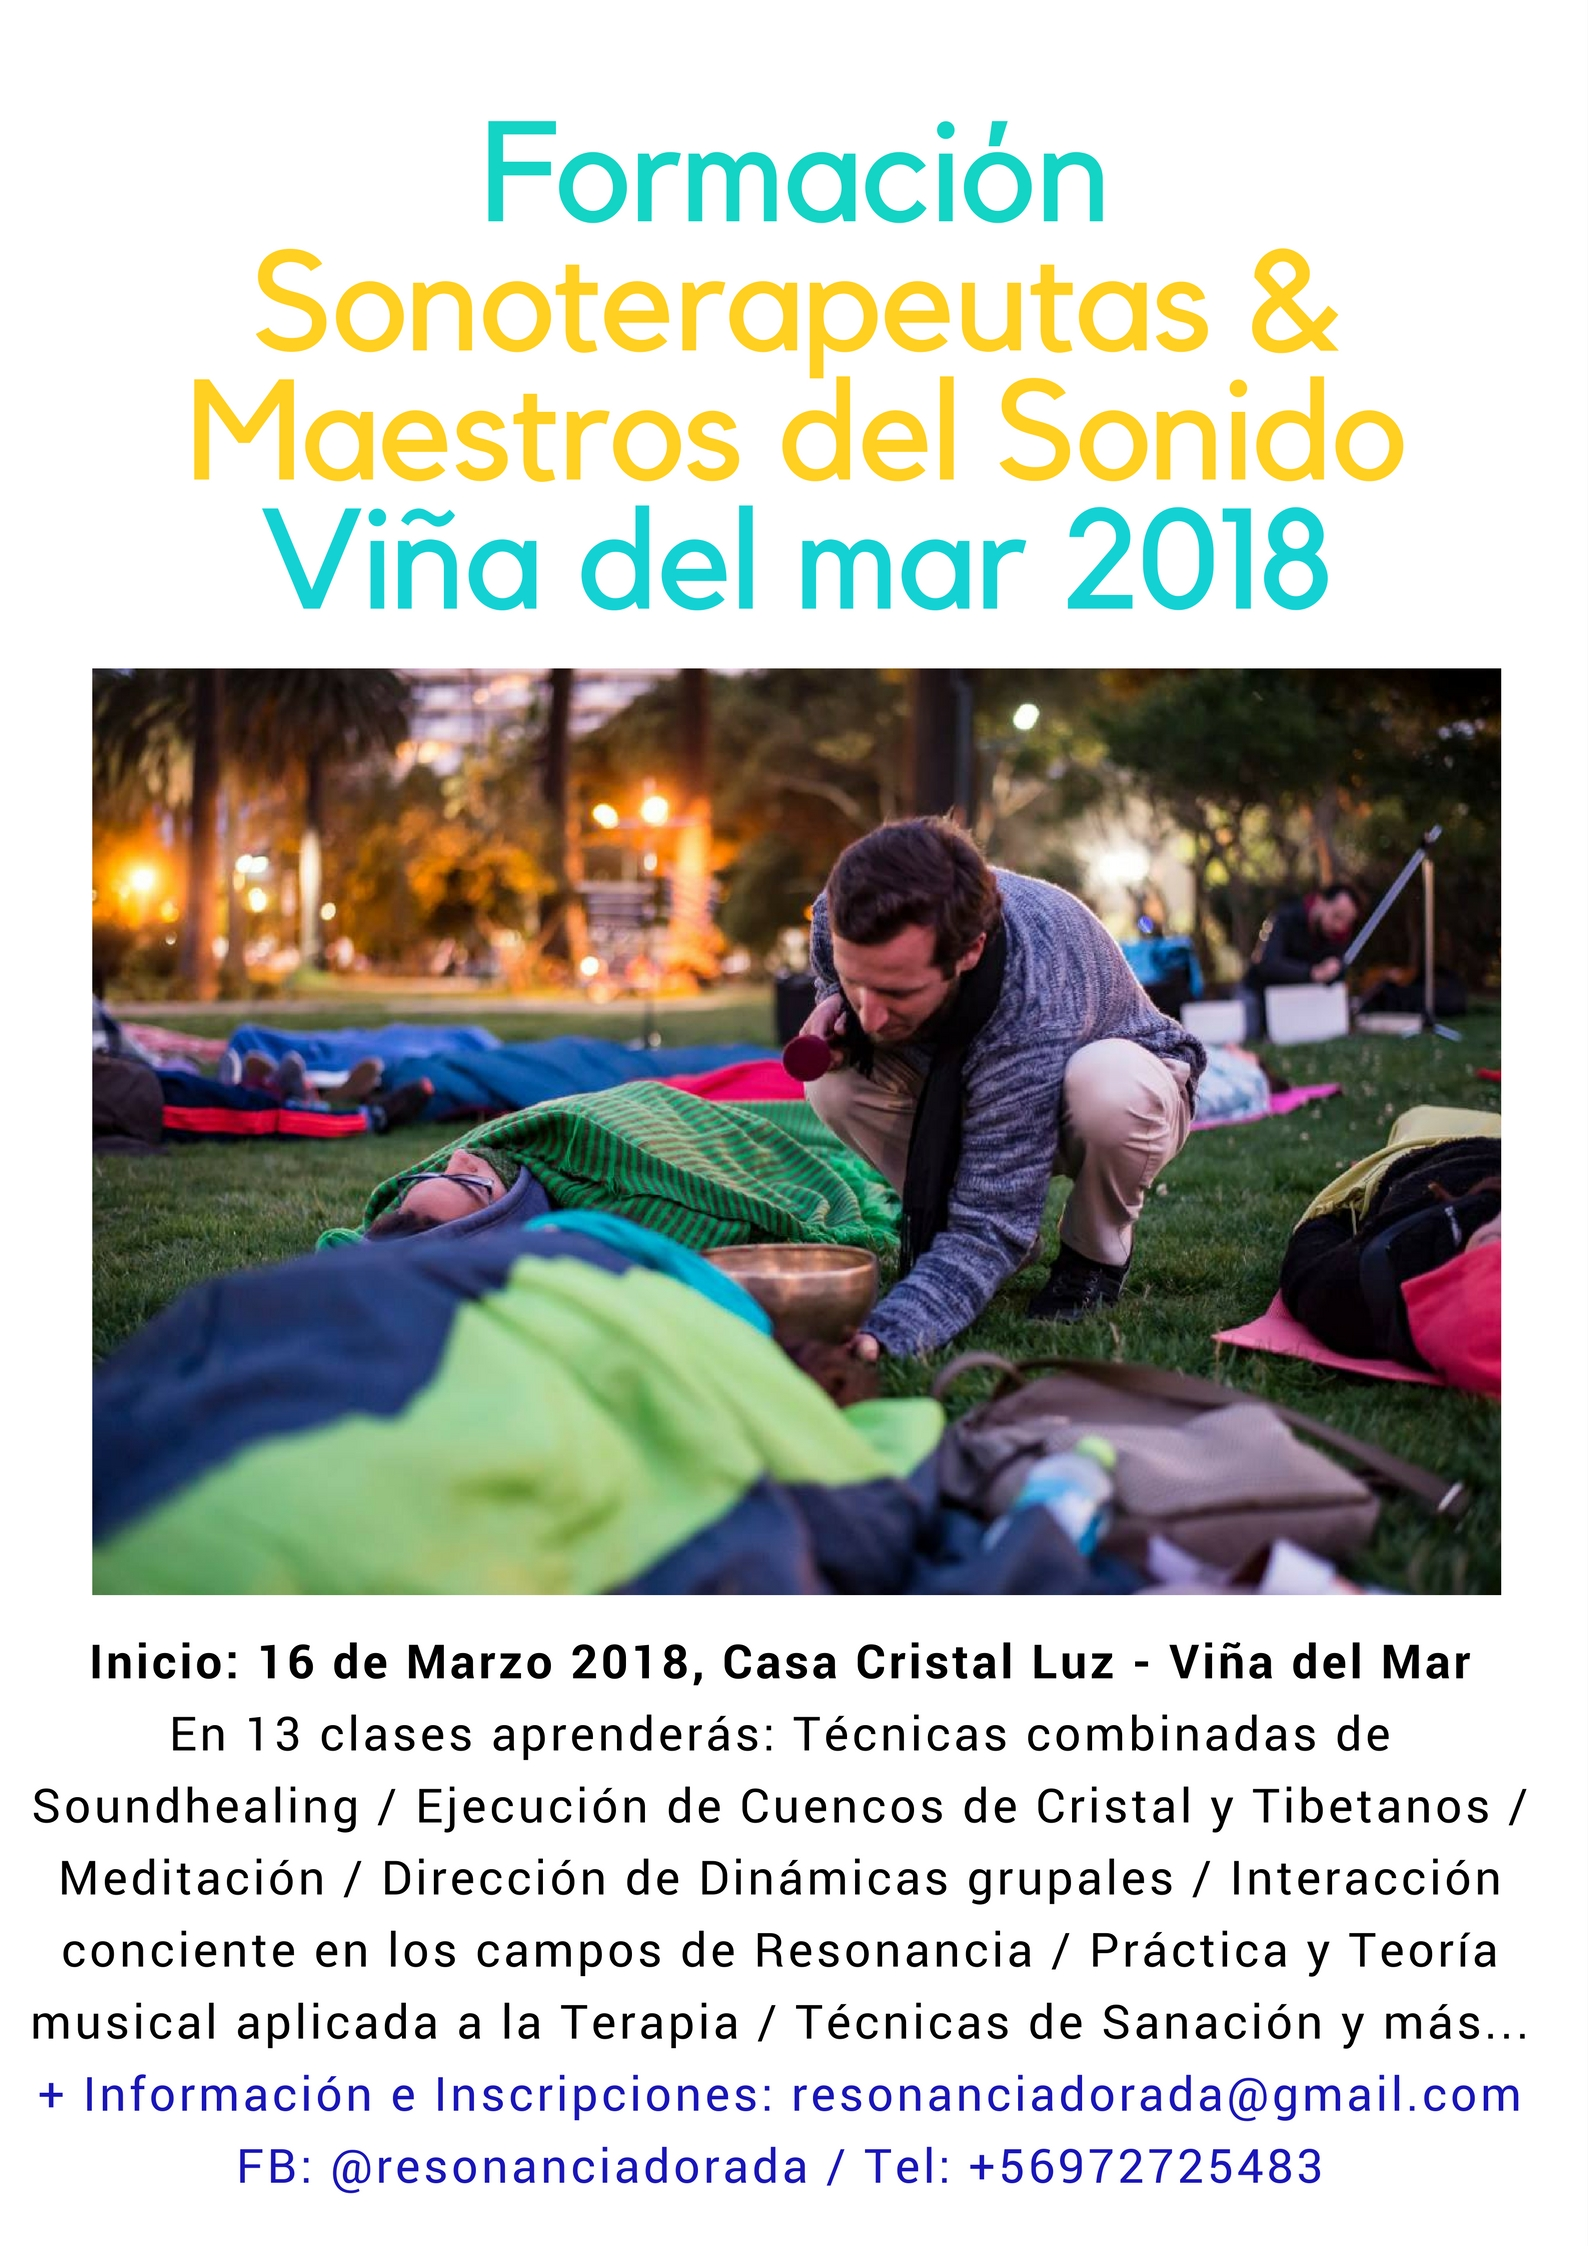 Formación Sonoterepautas Viña del Mar 2018